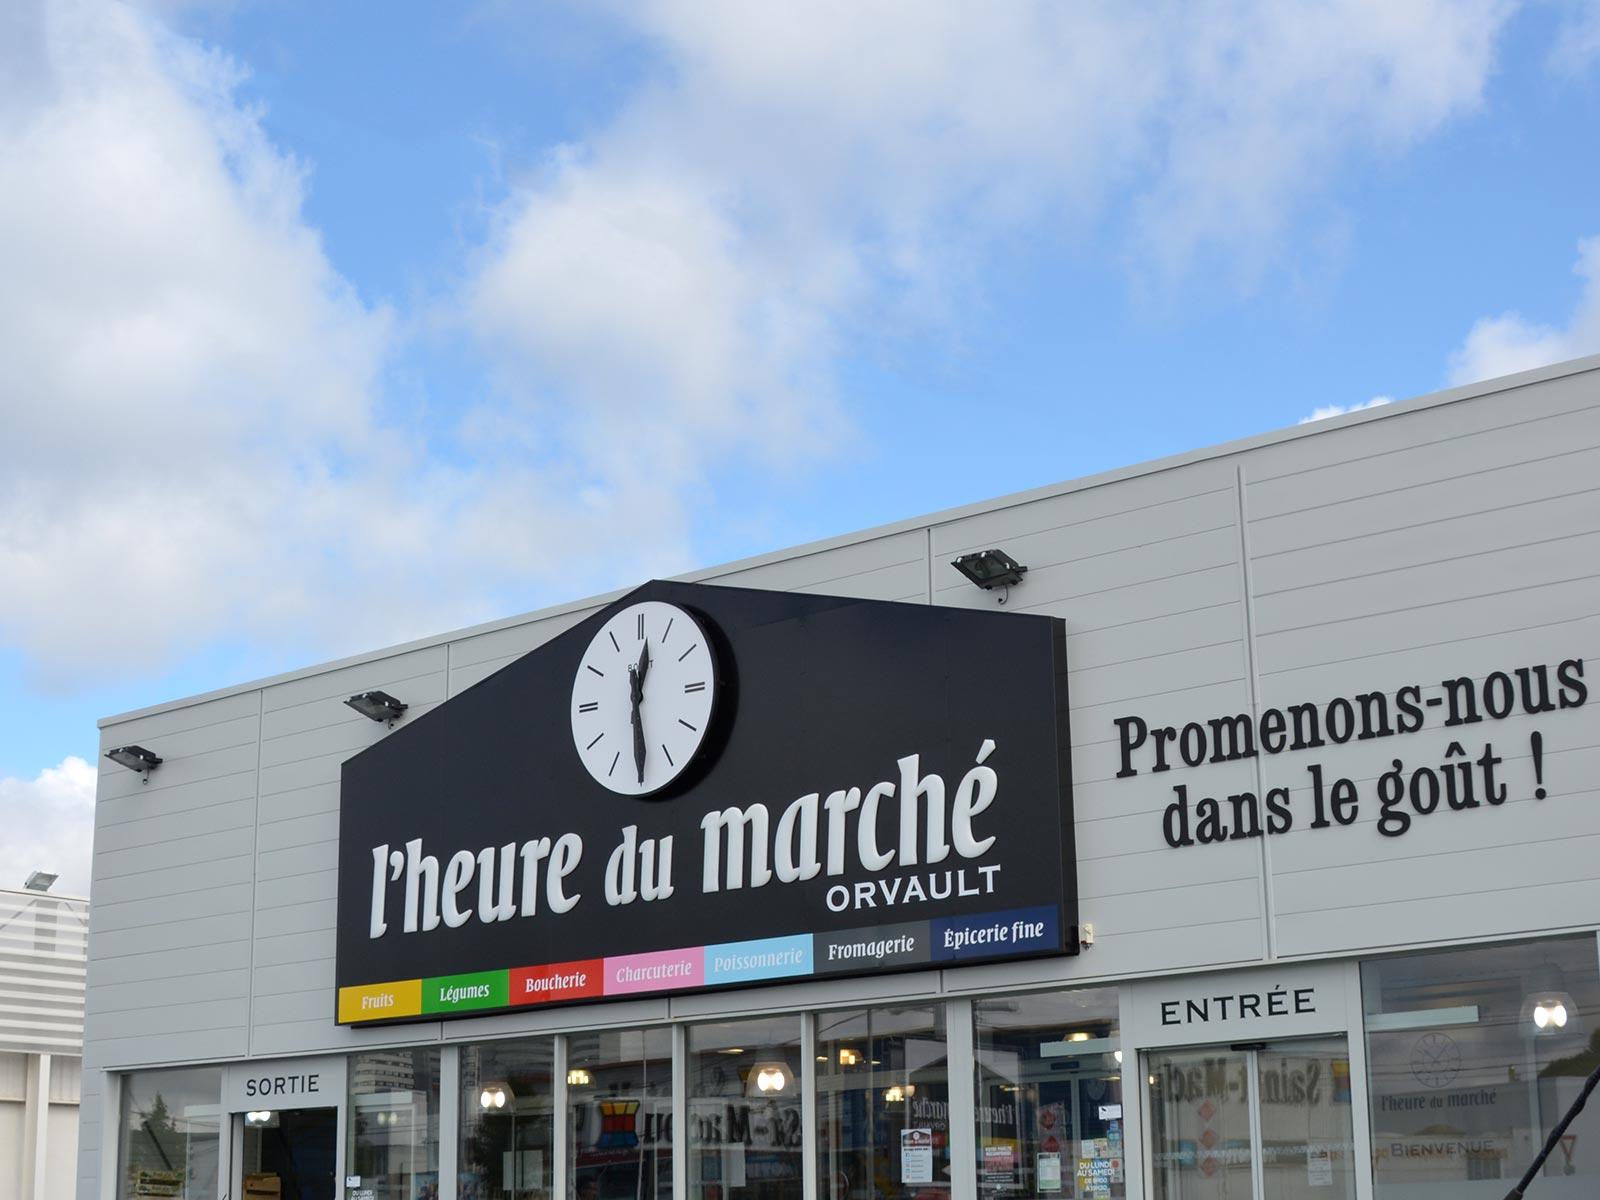 L'Heure du marché Nantes Orvault